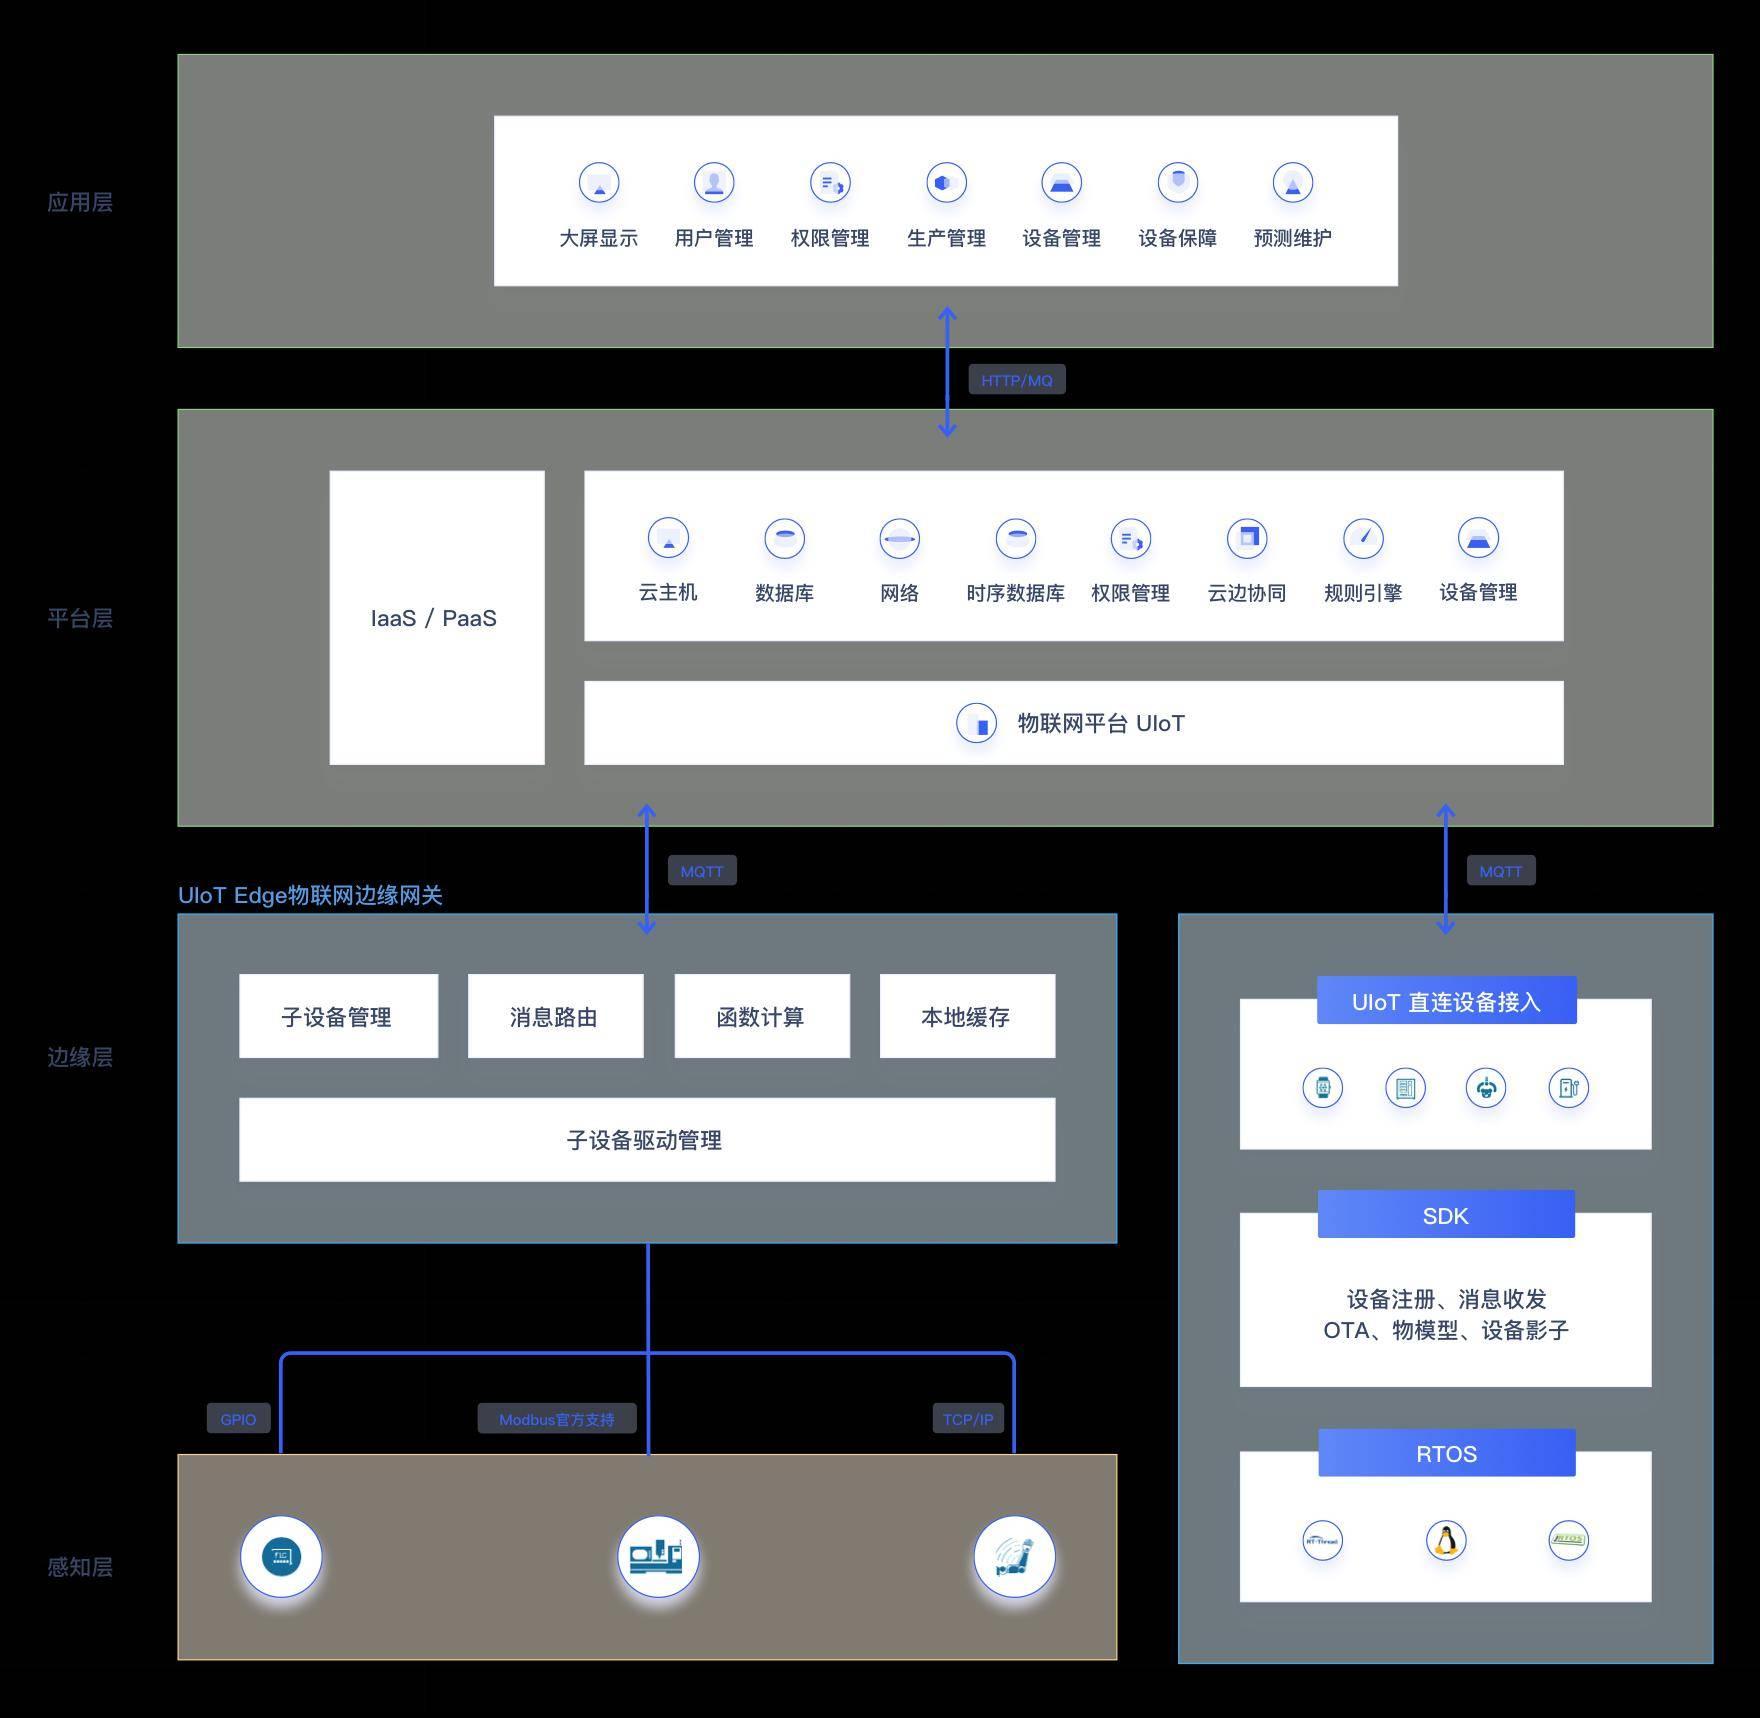 UCloud优刻得推出物联网解决方案 适用六大行业场景